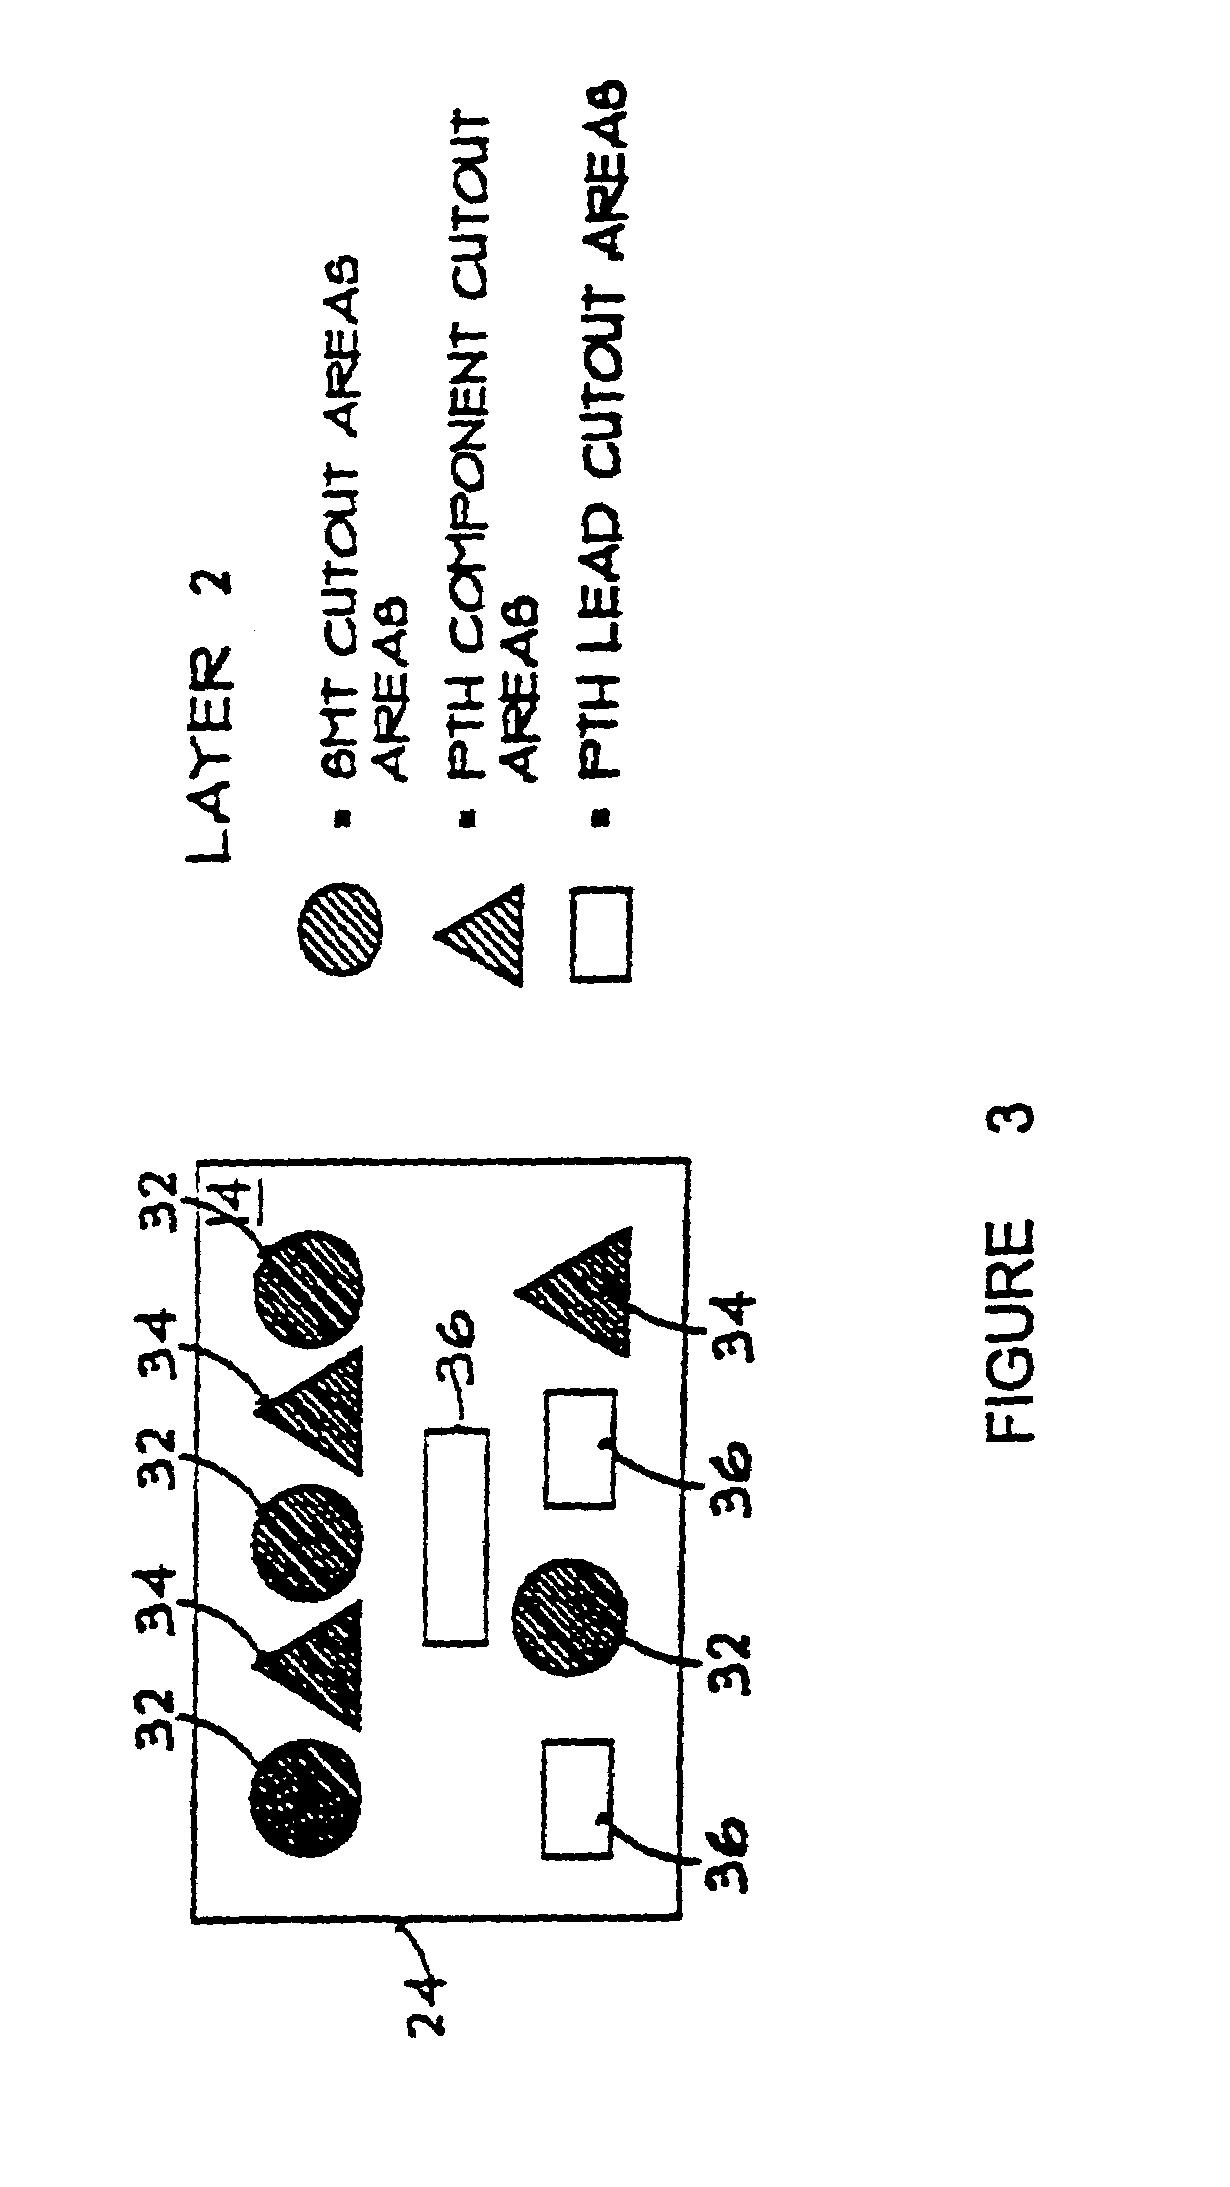 patent us7359207